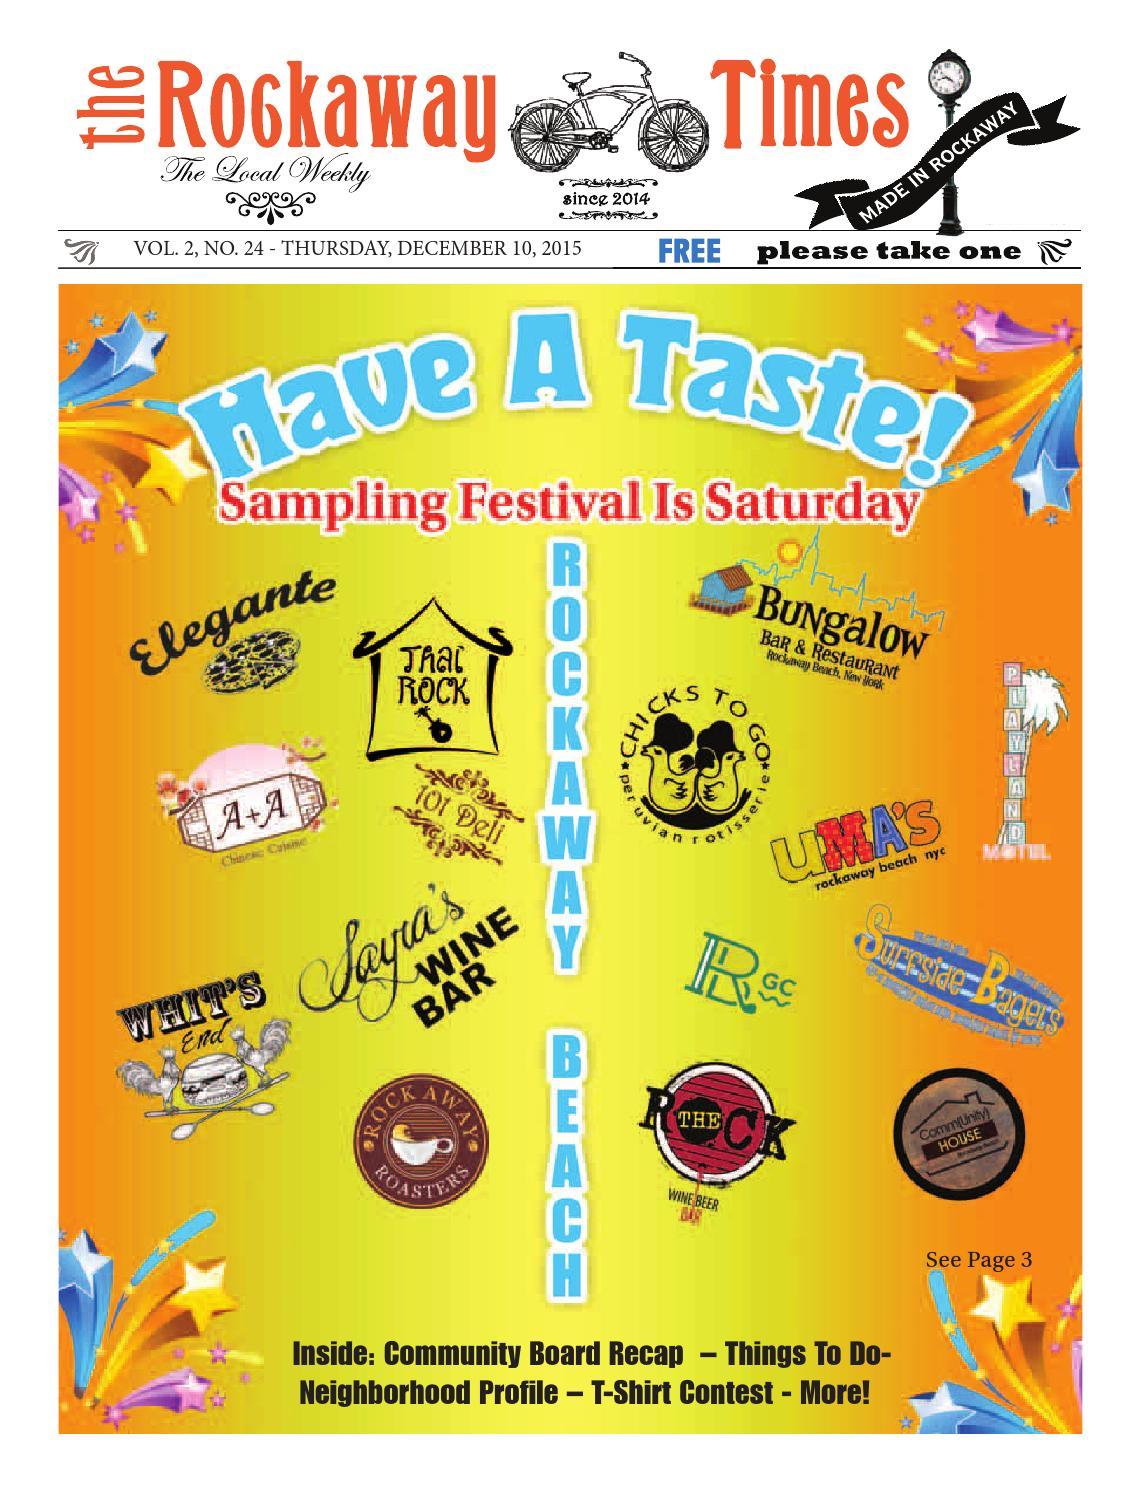 31952e5c38f Rockaway Times 12 10 15 by Rockaway Times - issuu